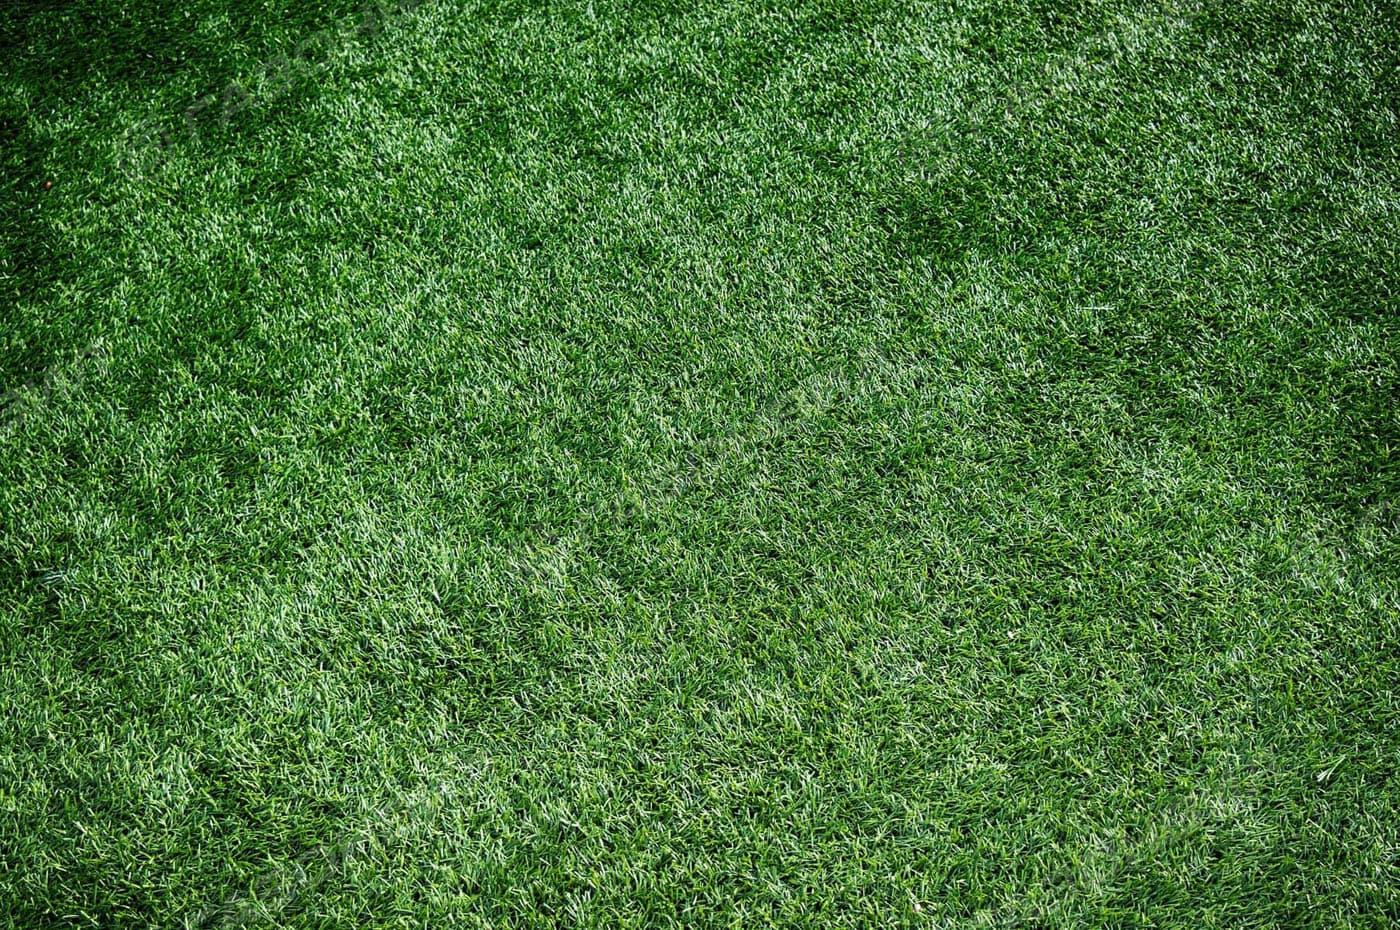 Низкорослый (карликовый) газон слайдер 2